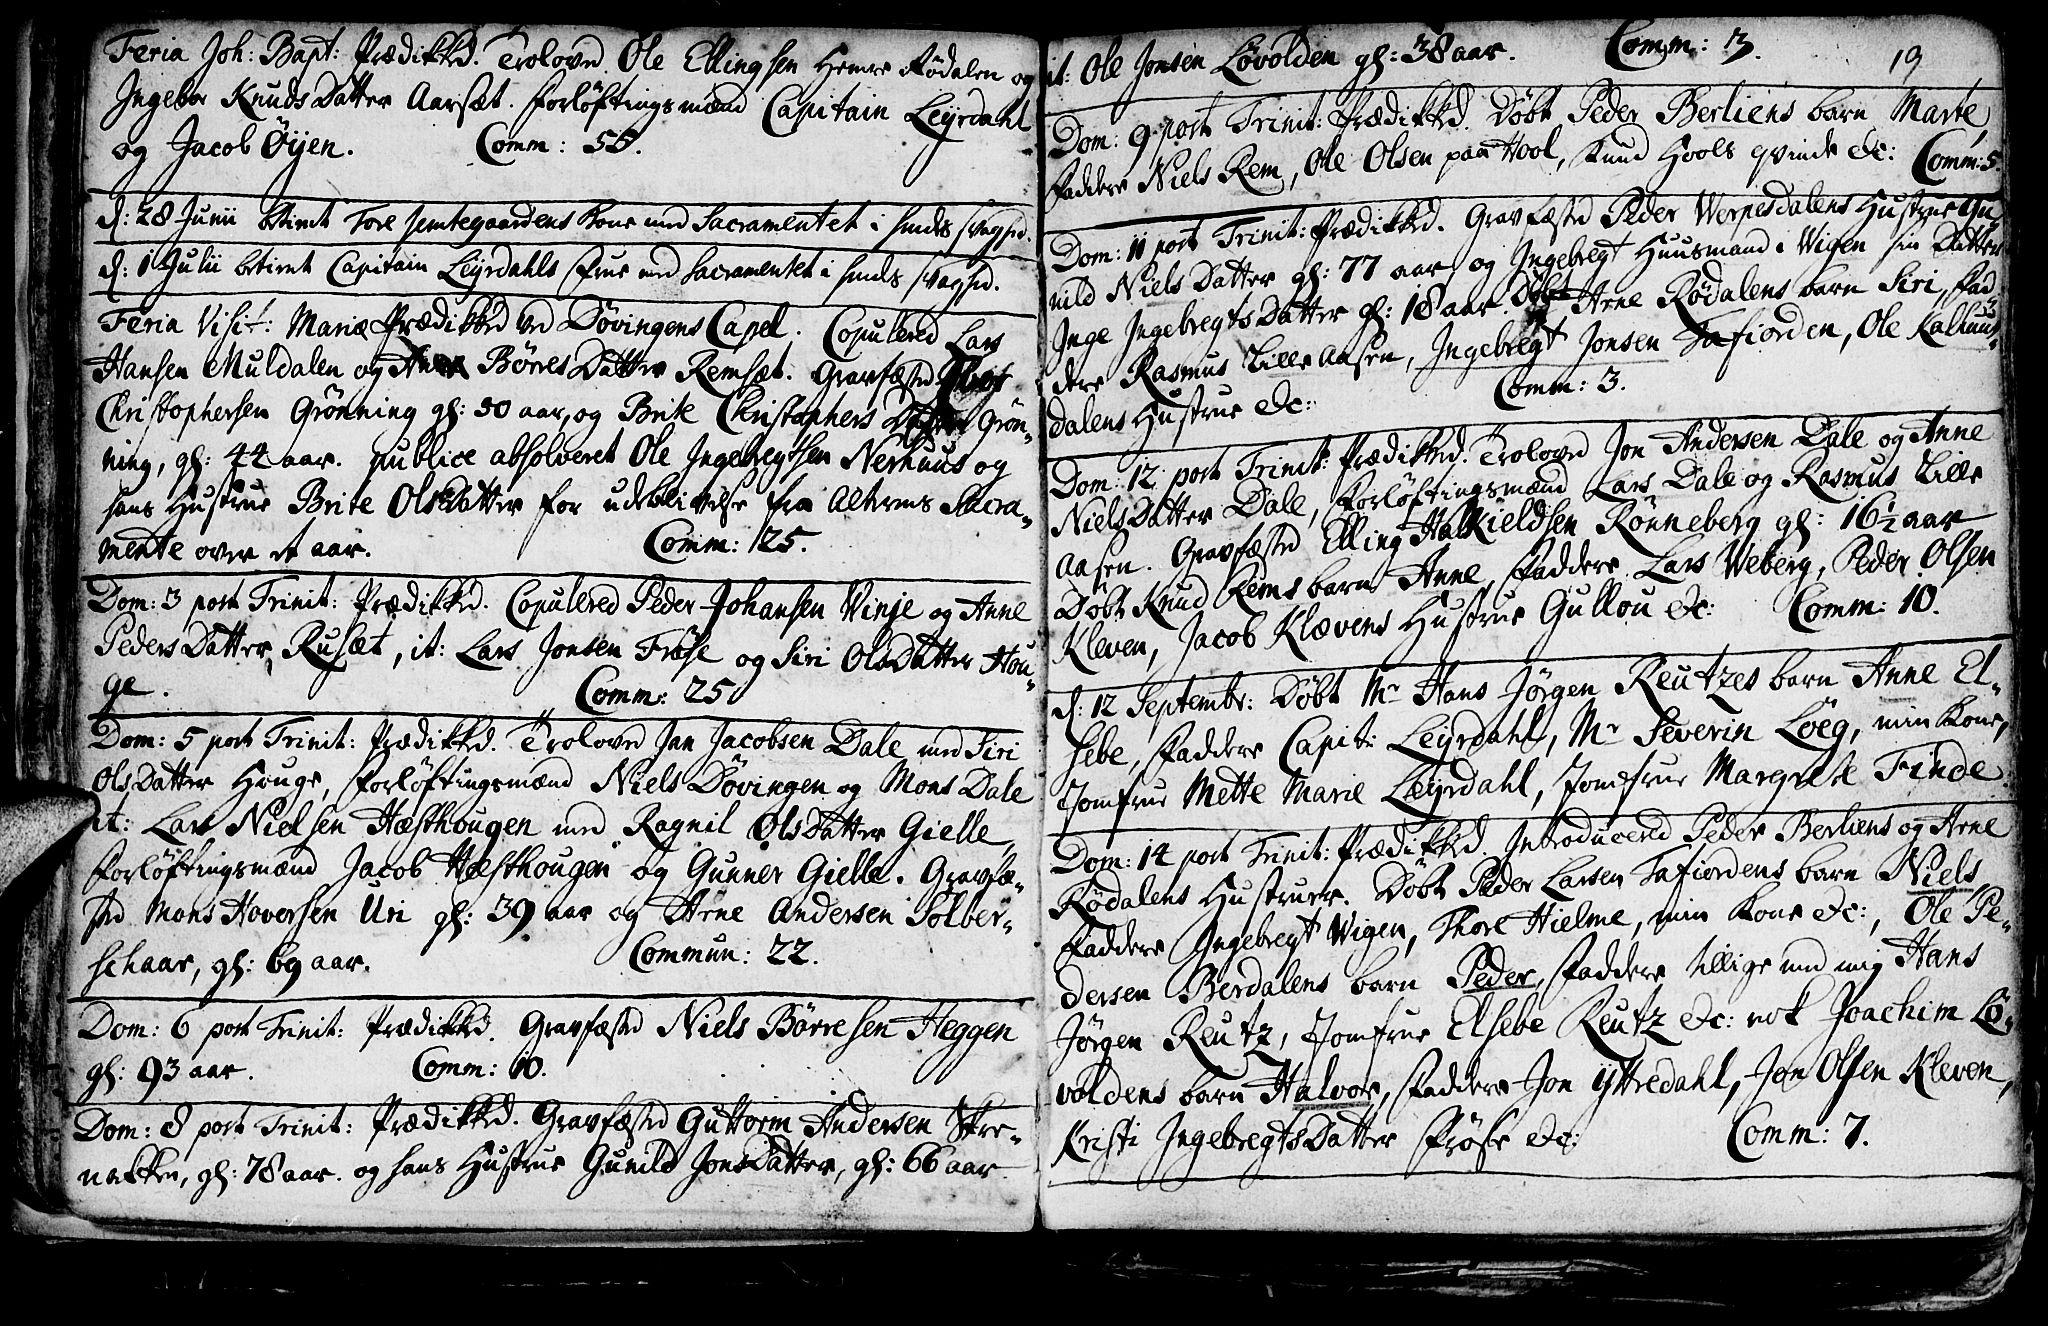 SAT, Ministerialprotokoller, klokkerbøker og fødselsregistre - Møre og Romsdal, 519/L0240: Ministerialbok nr. 519A01 /1, 1736-1760, s. 19